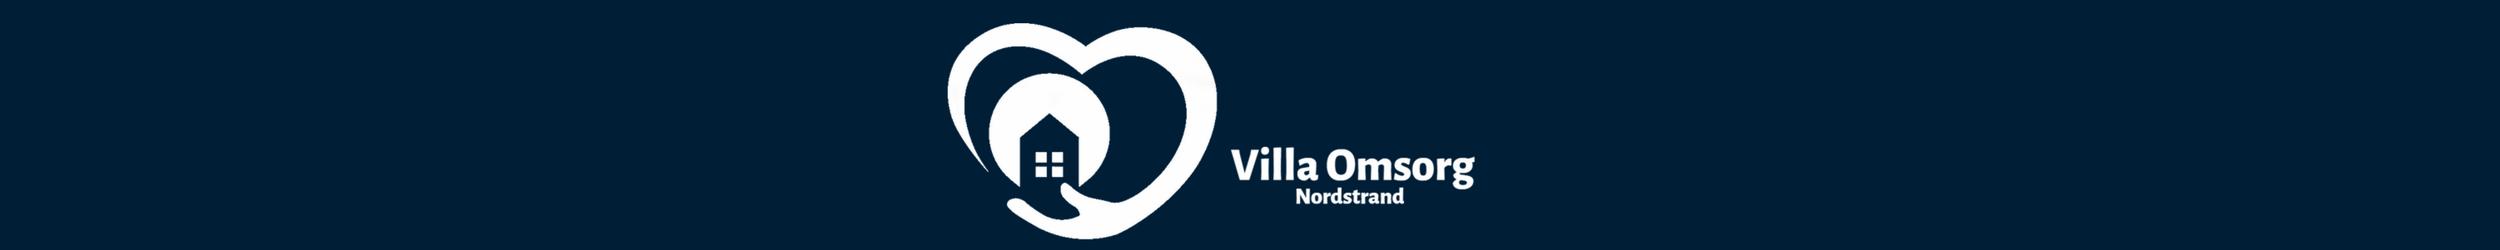 Villa Omsorg - Trygghet. Omsorg. Trivsel.